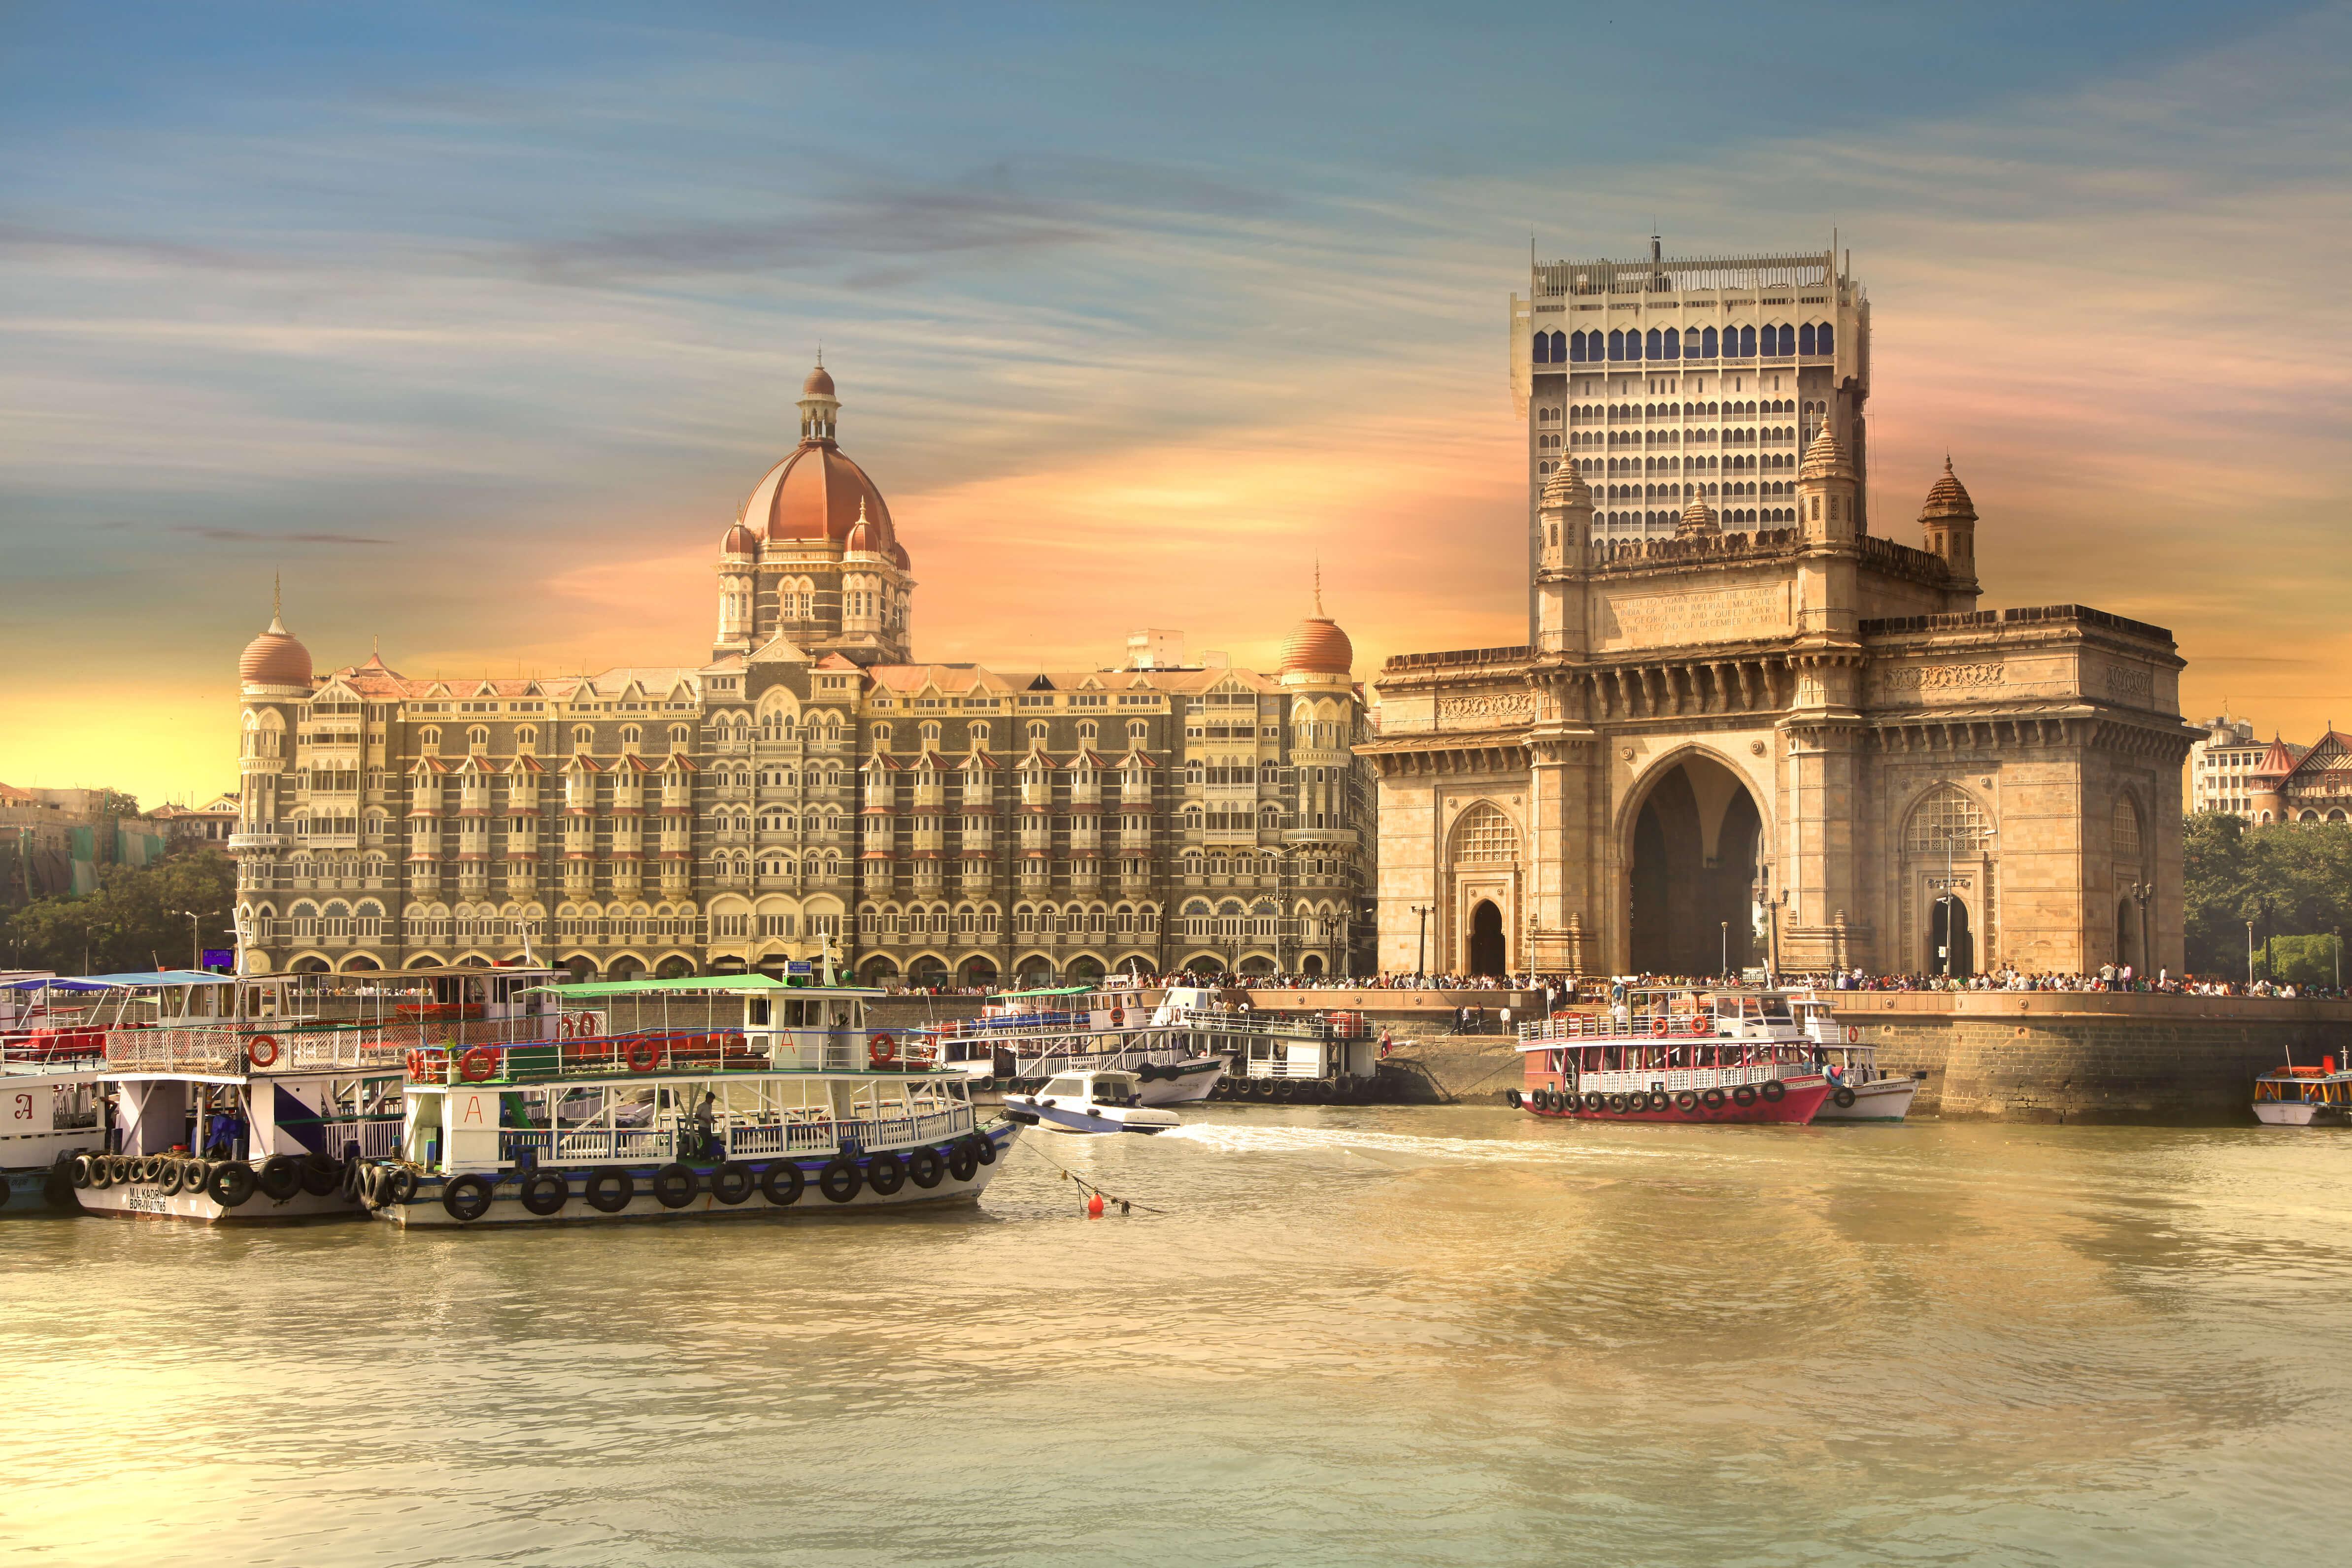 7 מקדימים להזמין: טיול מאורגן 8 ימים בהודו